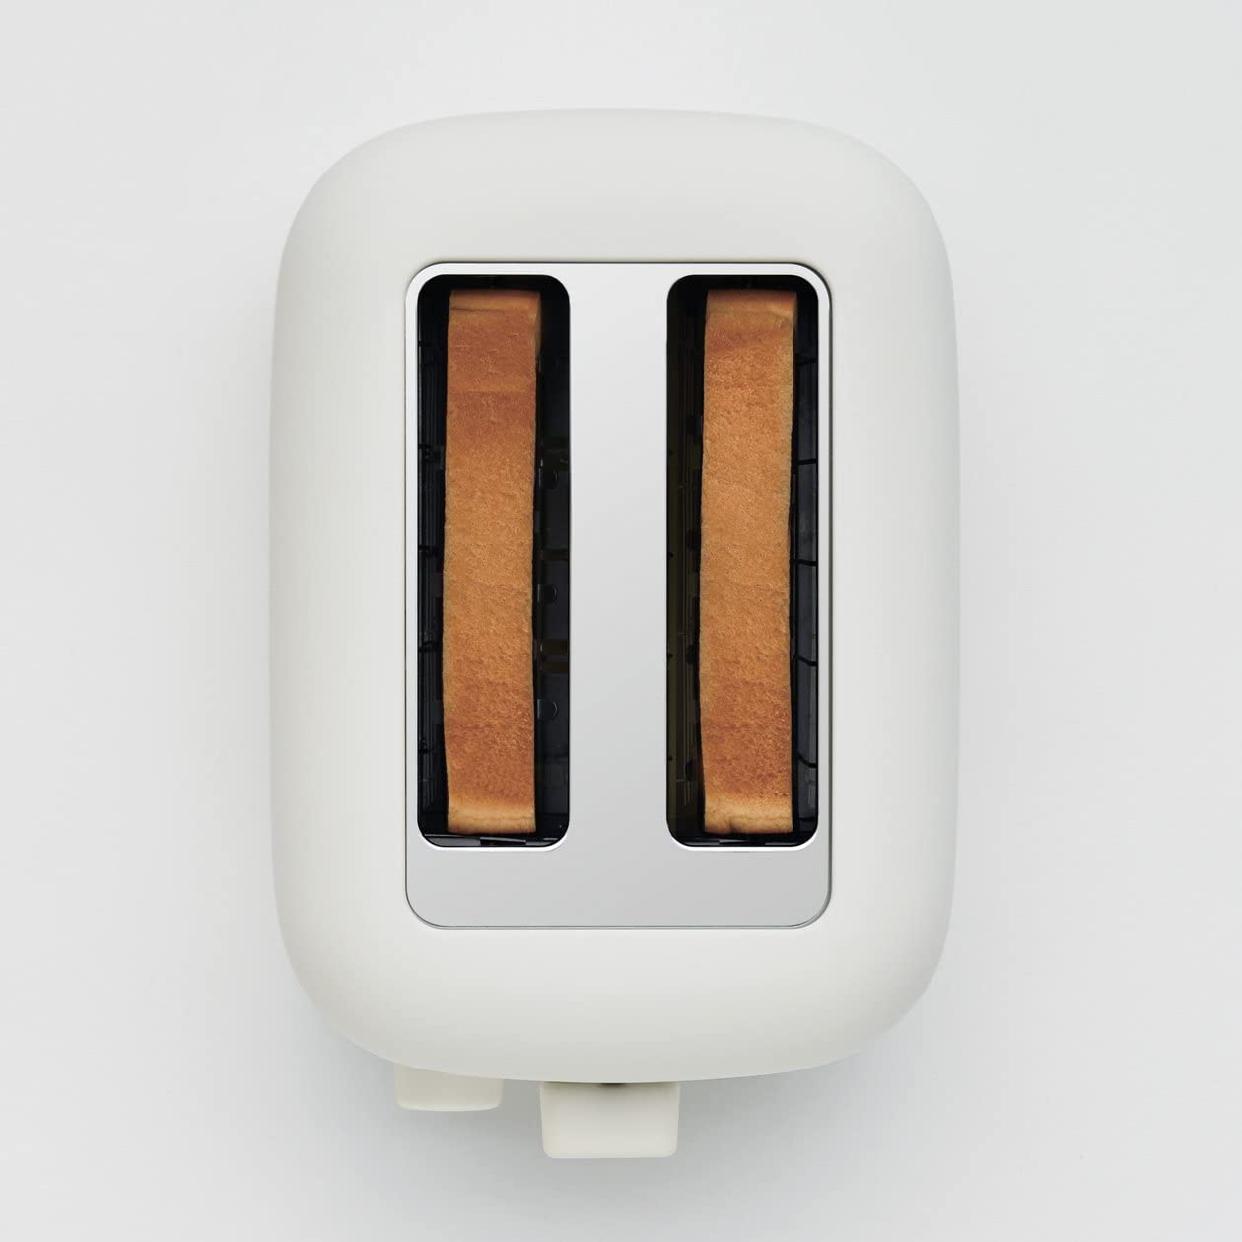 無印良品(MUJI) ポップアップトースター ホワイト MJ-PT6Aの商品画像3